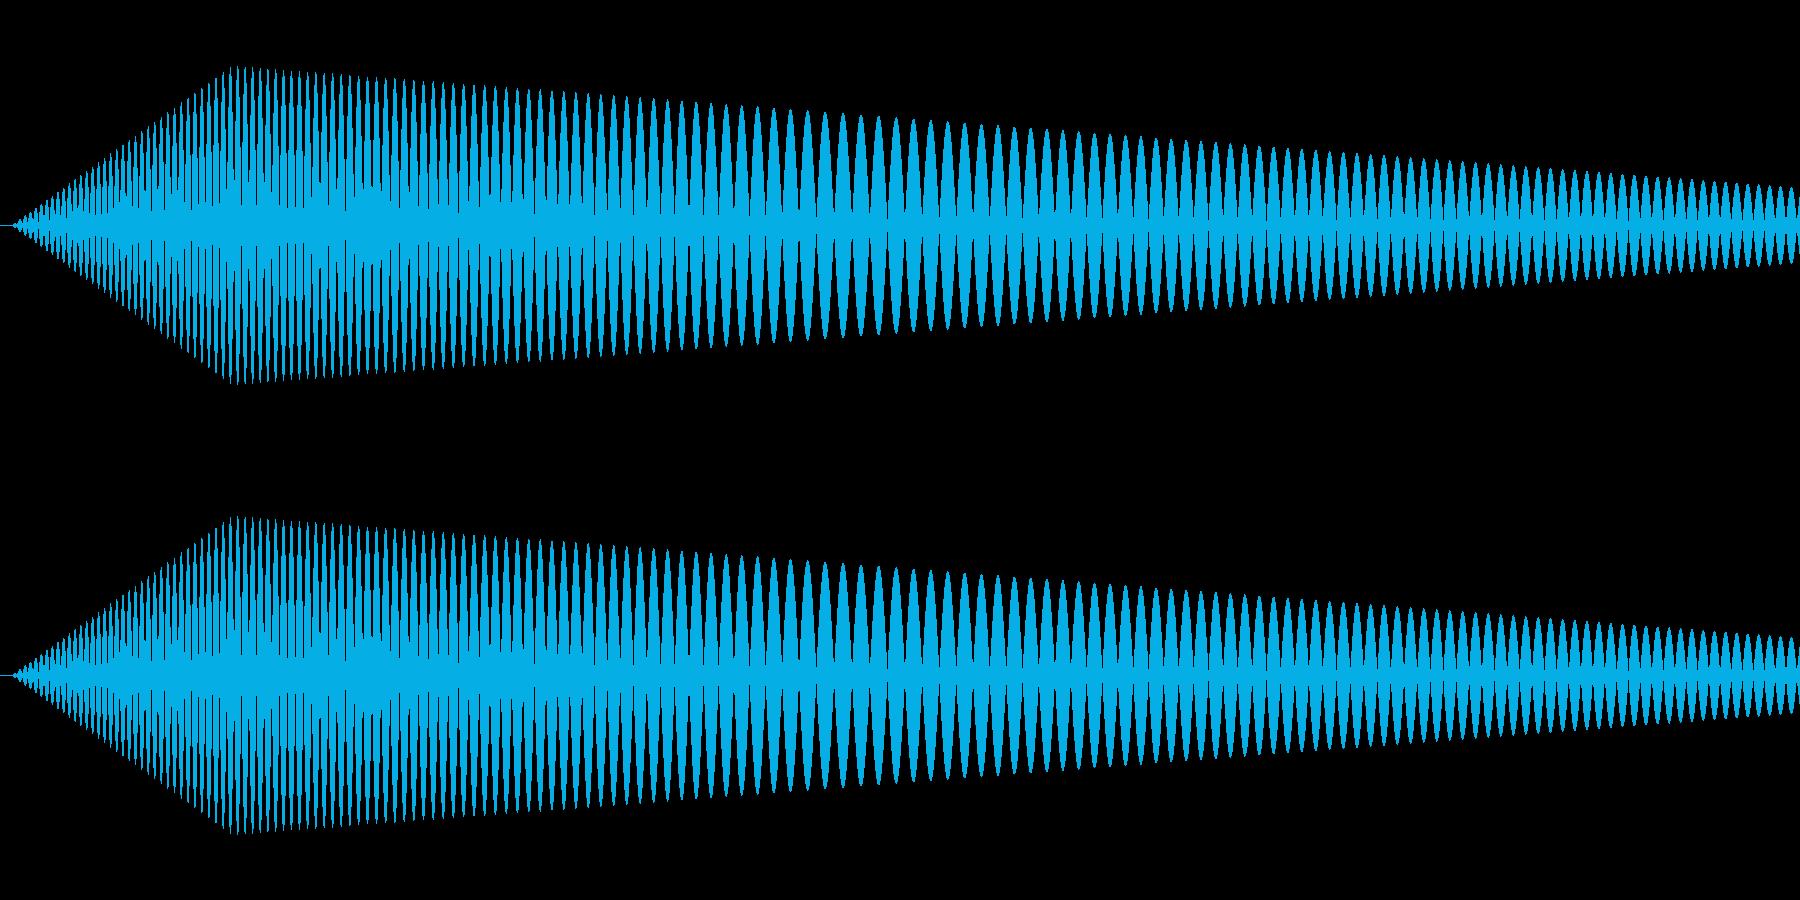 【コミカル】肉球・足音・スタンプ2の再生済みの波形